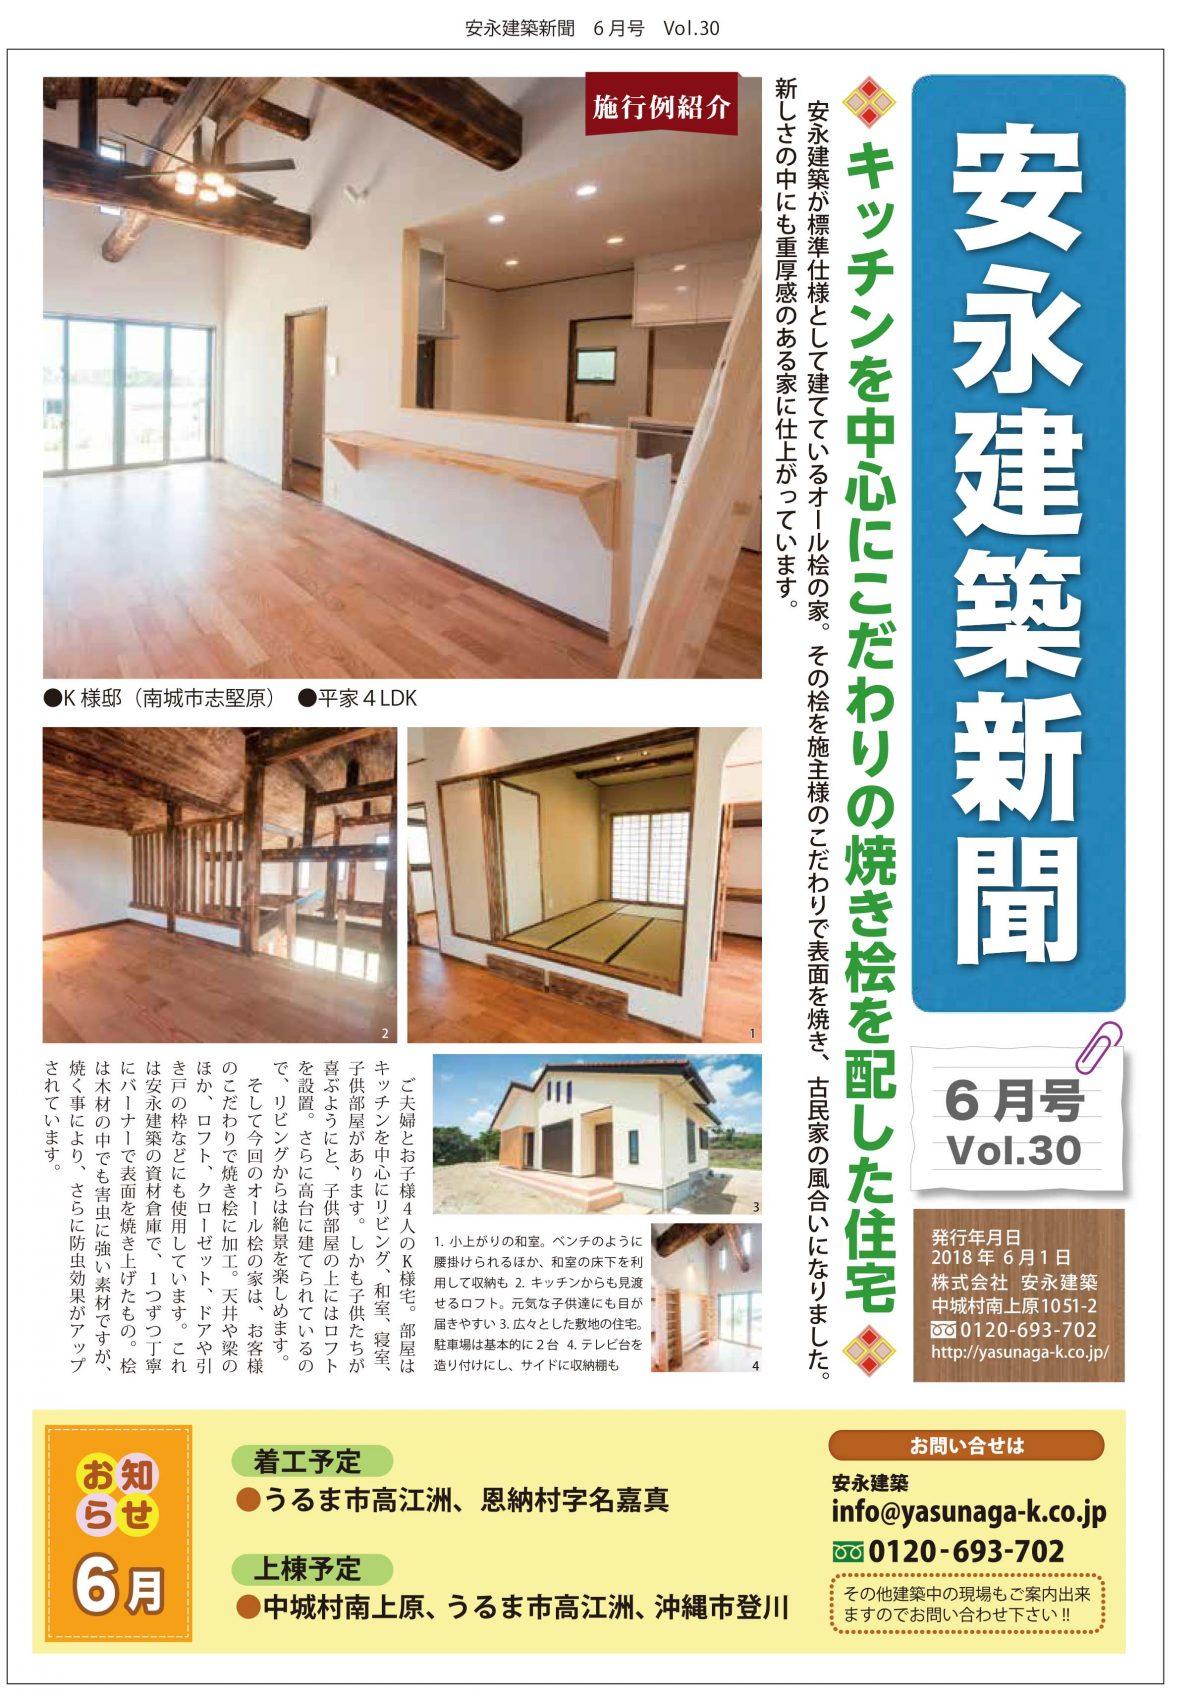 6月号もやりました!「安永建築新聞」